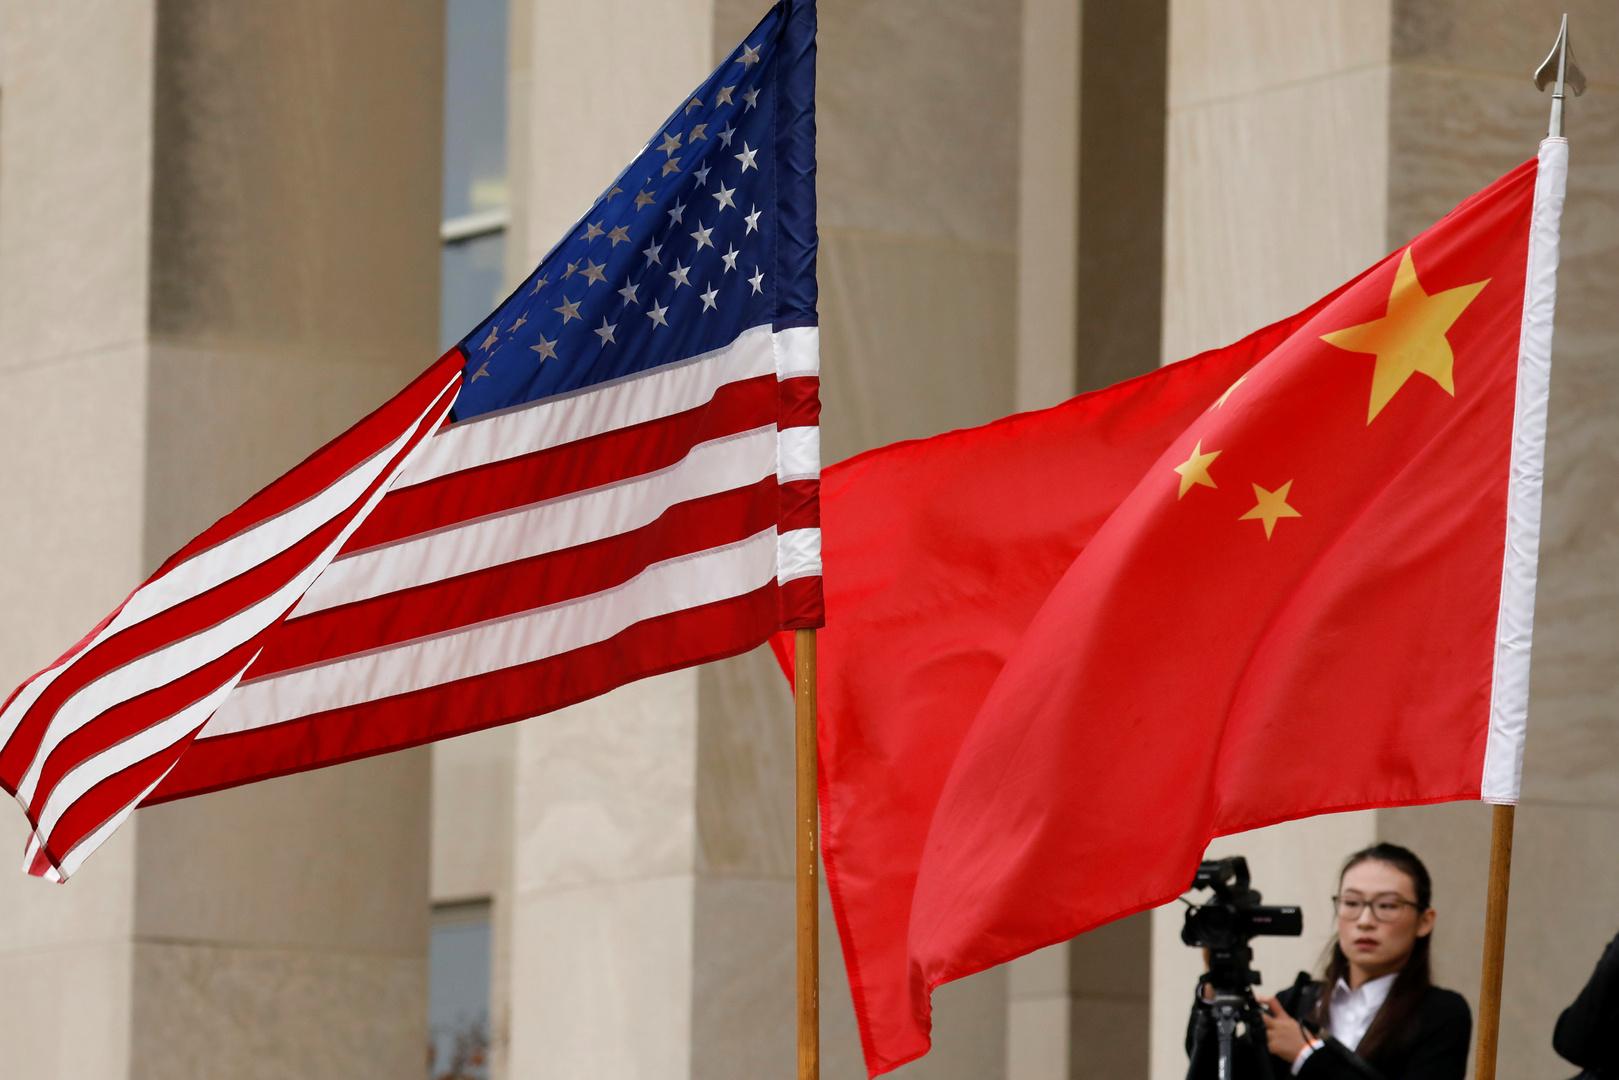 الصين تنفي طلب إجراء فحوصات مسحة شرجية لكورونا من دبلوماسيين أمريكيين